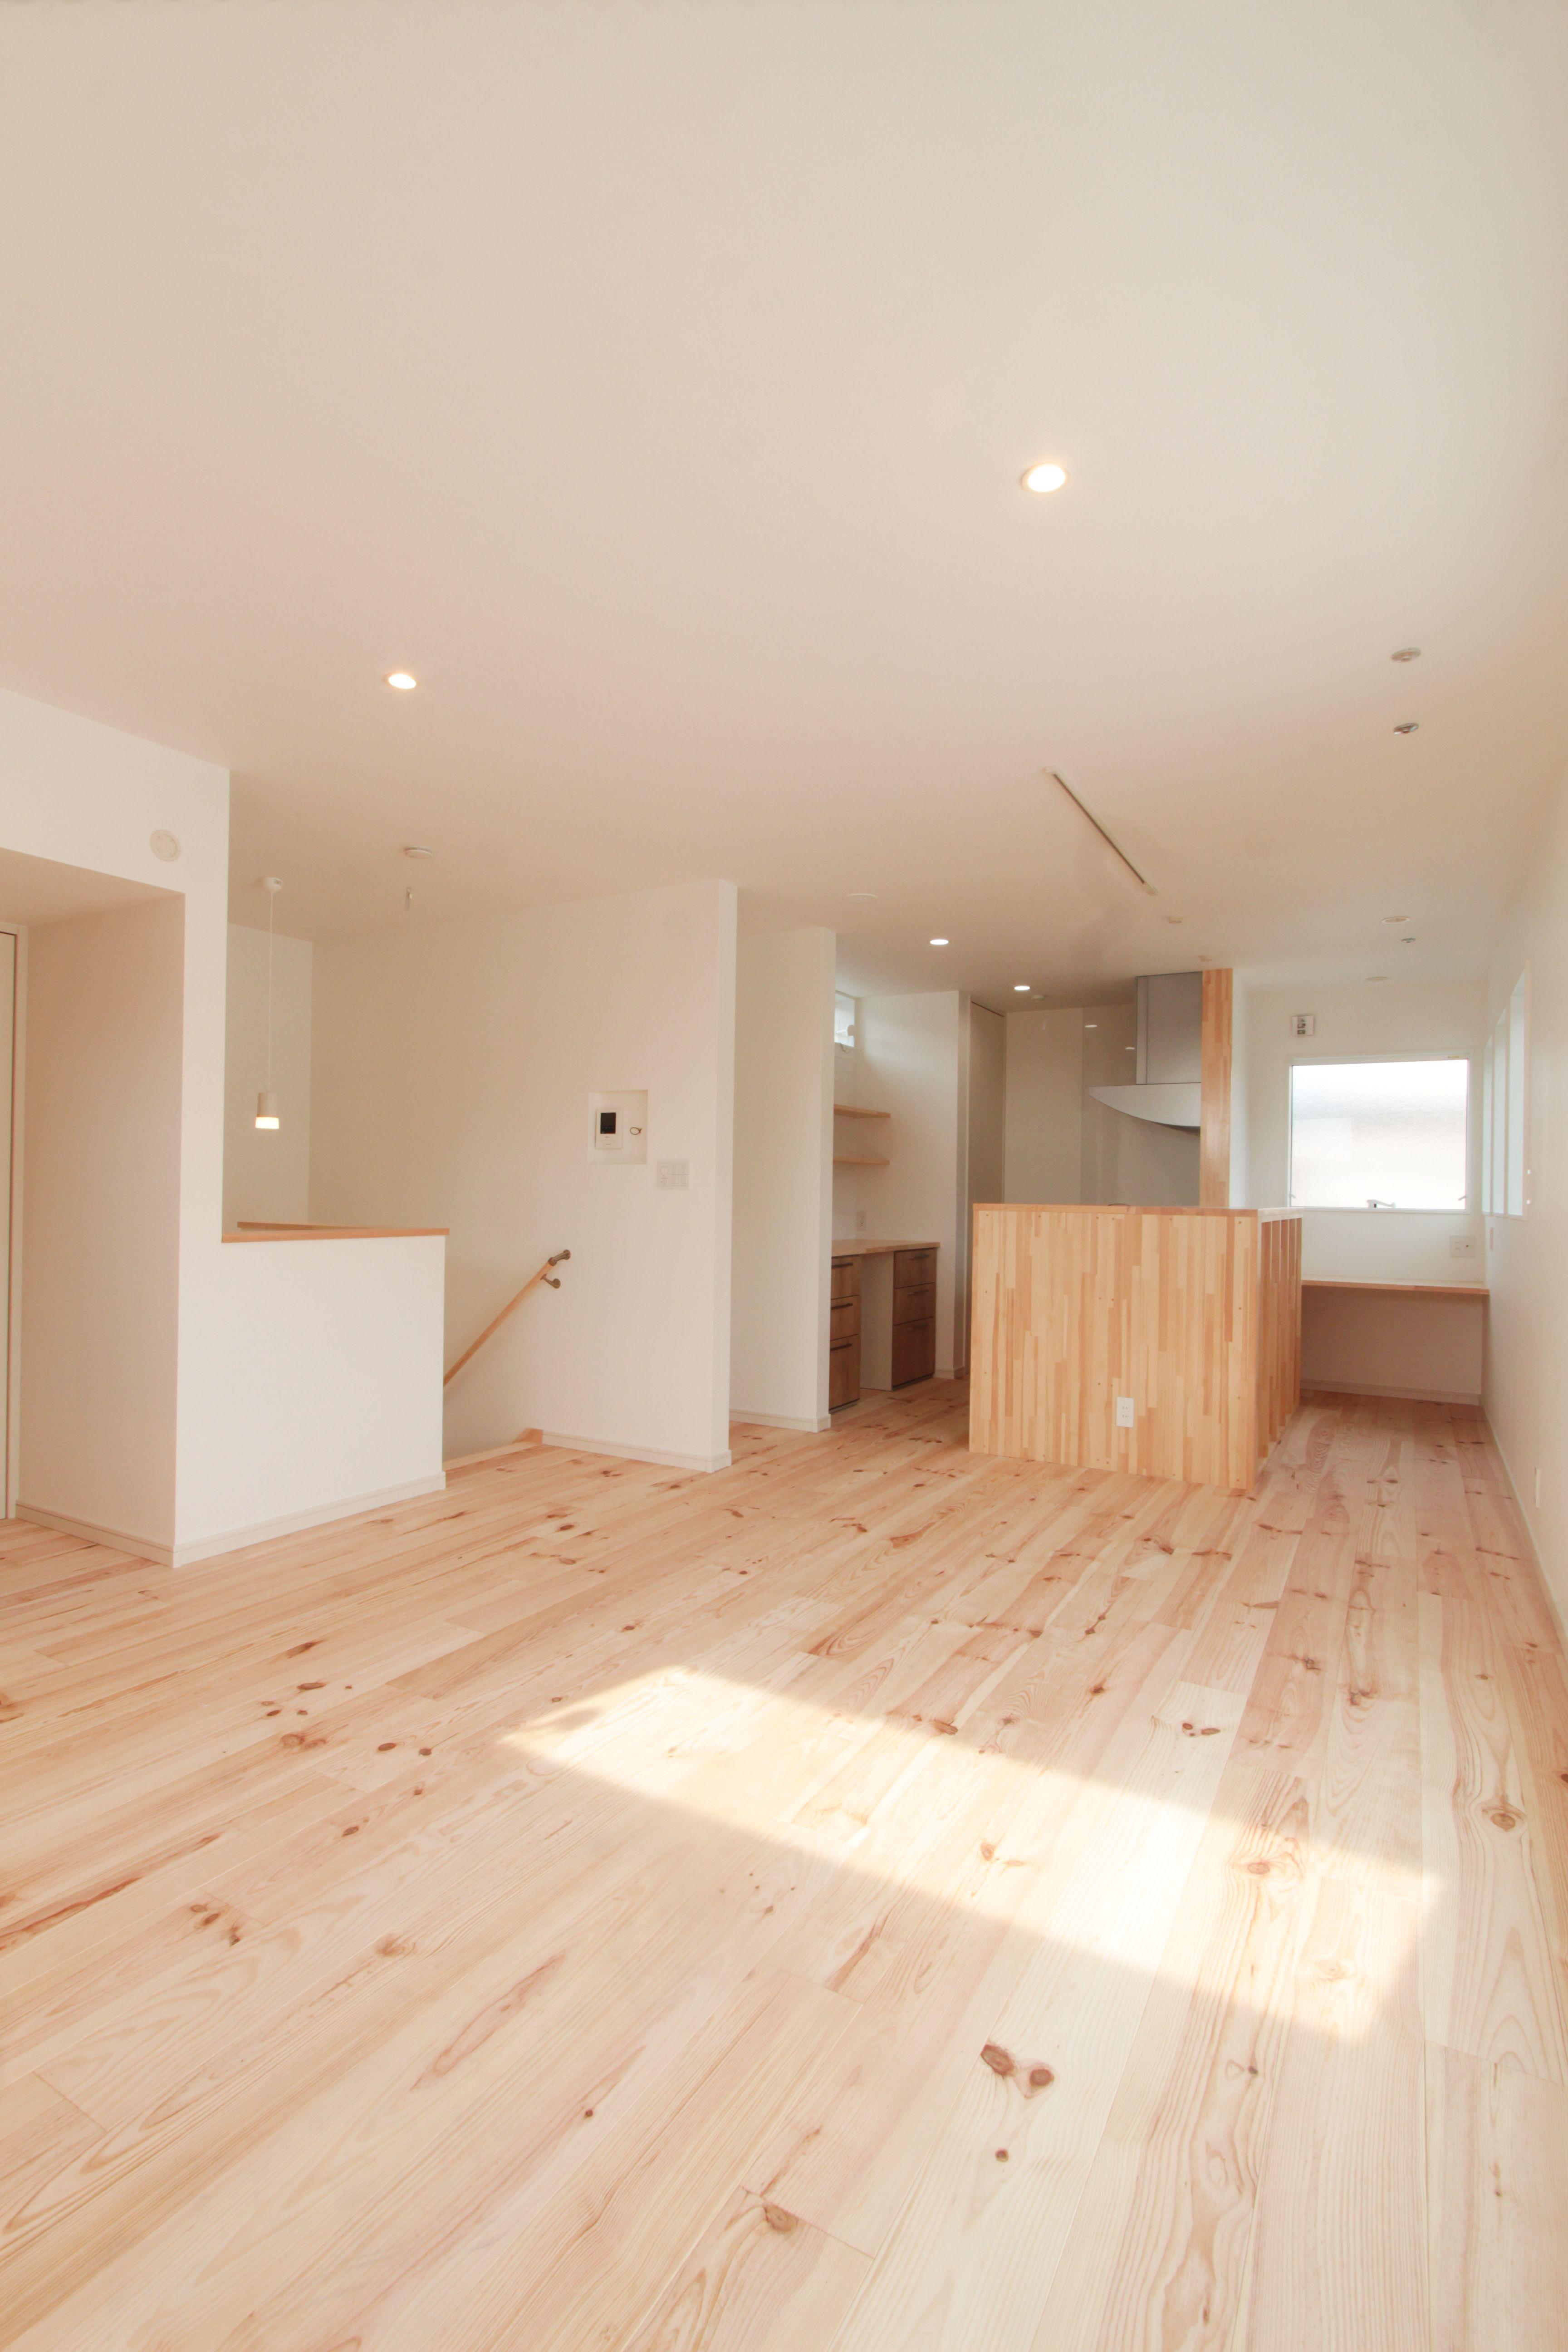 パイン床材 2階リビング オープンキッチン 和モダン 内装